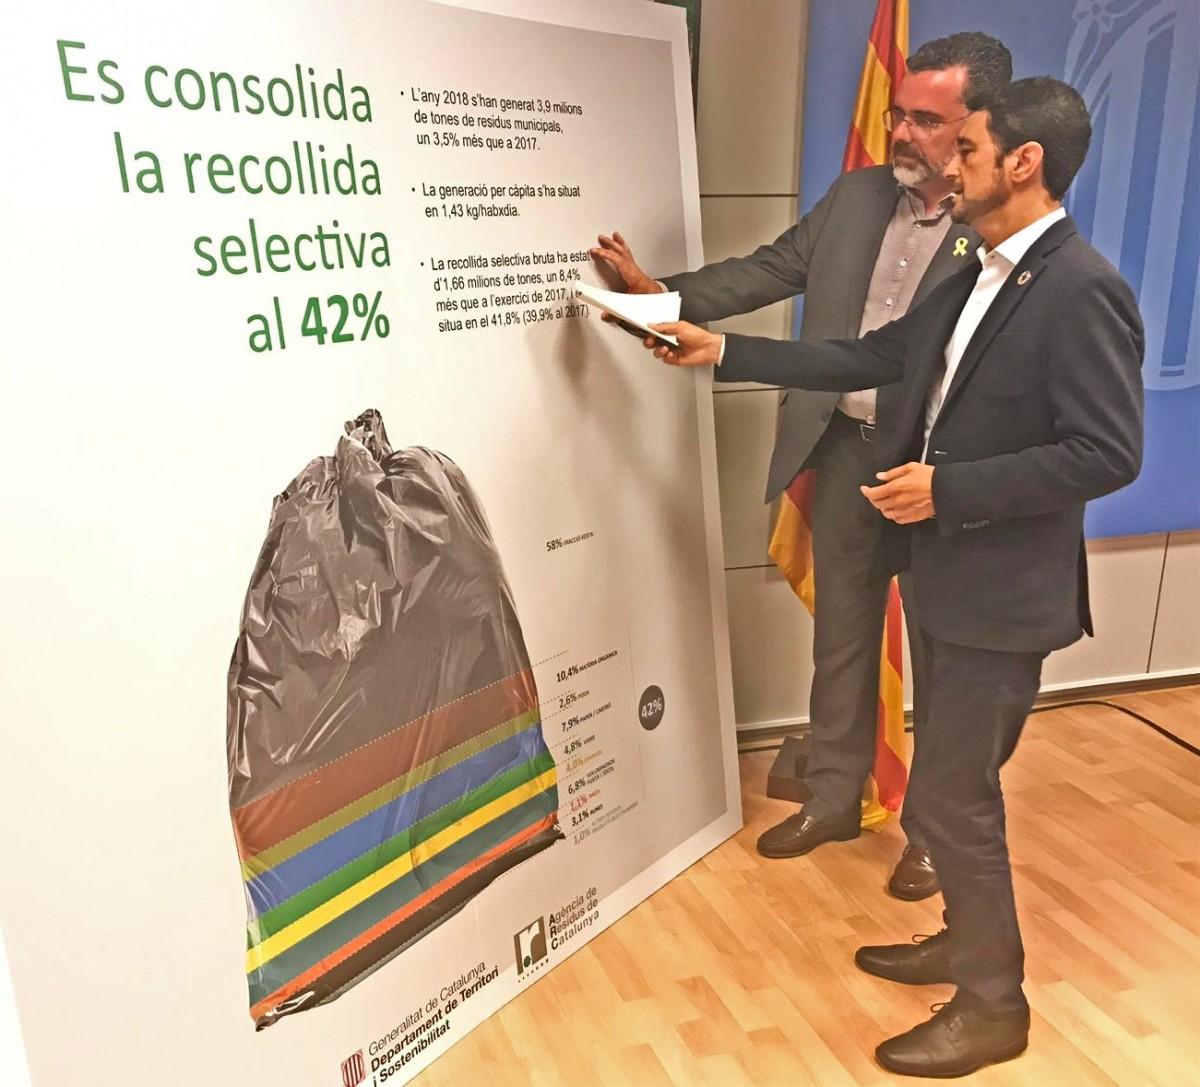 Damià Calvet i Josep Maria Tost, durant la presentació de les dades.